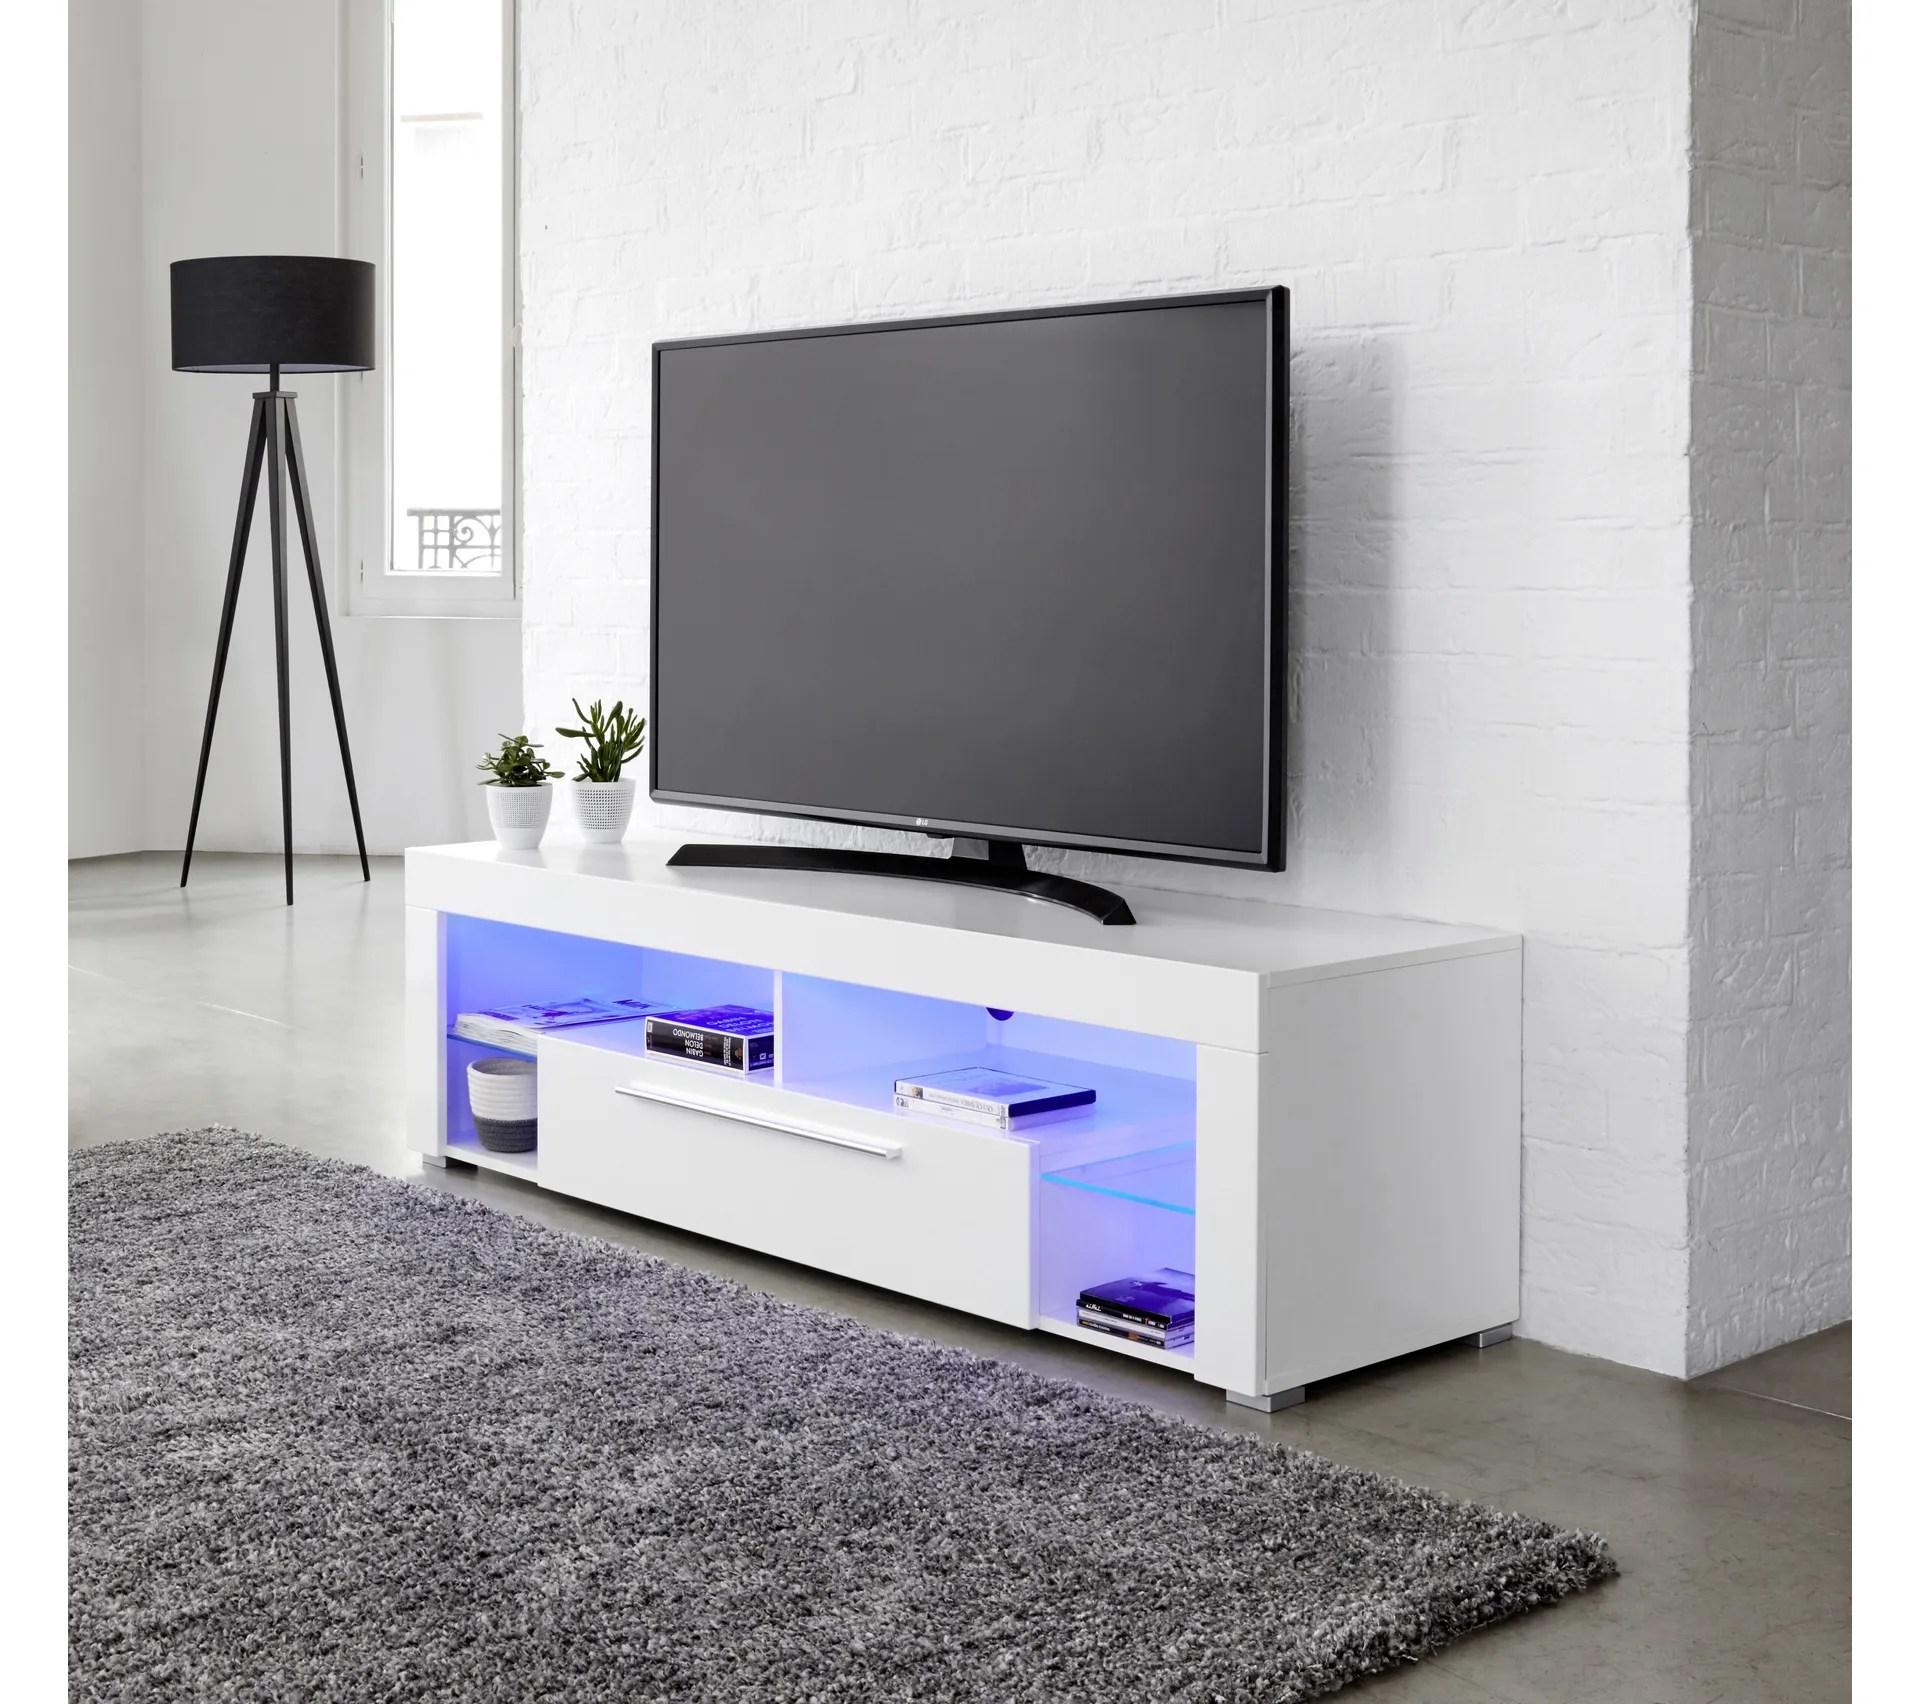 meuble tv avec led integree goal blanc brillant